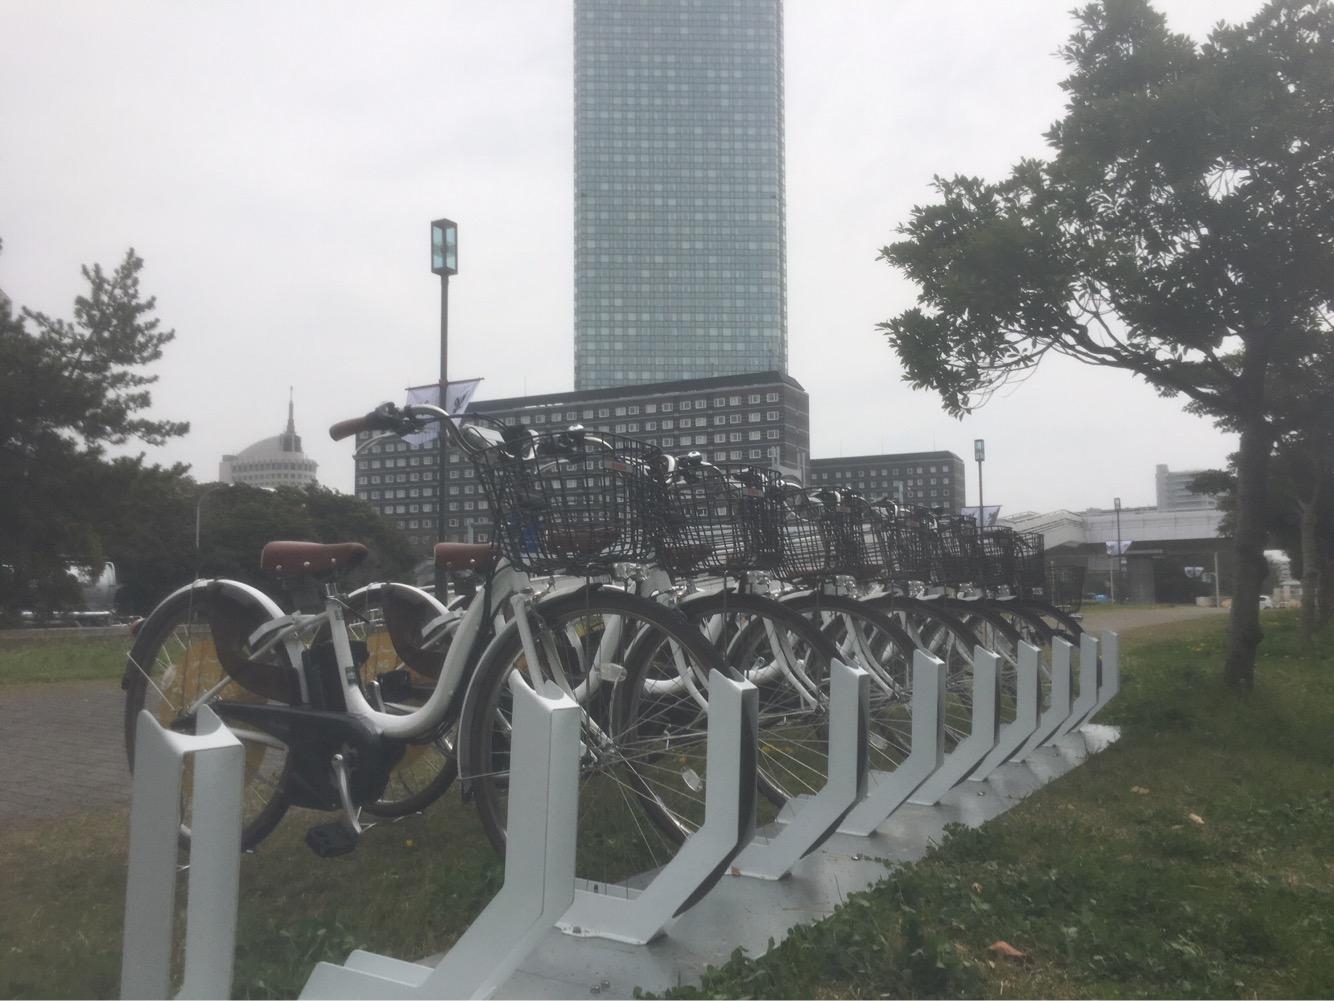 千葉臨海線第1緑地 ZOZOマリンスタジアム前 (HELLO CYCLING ポート) image